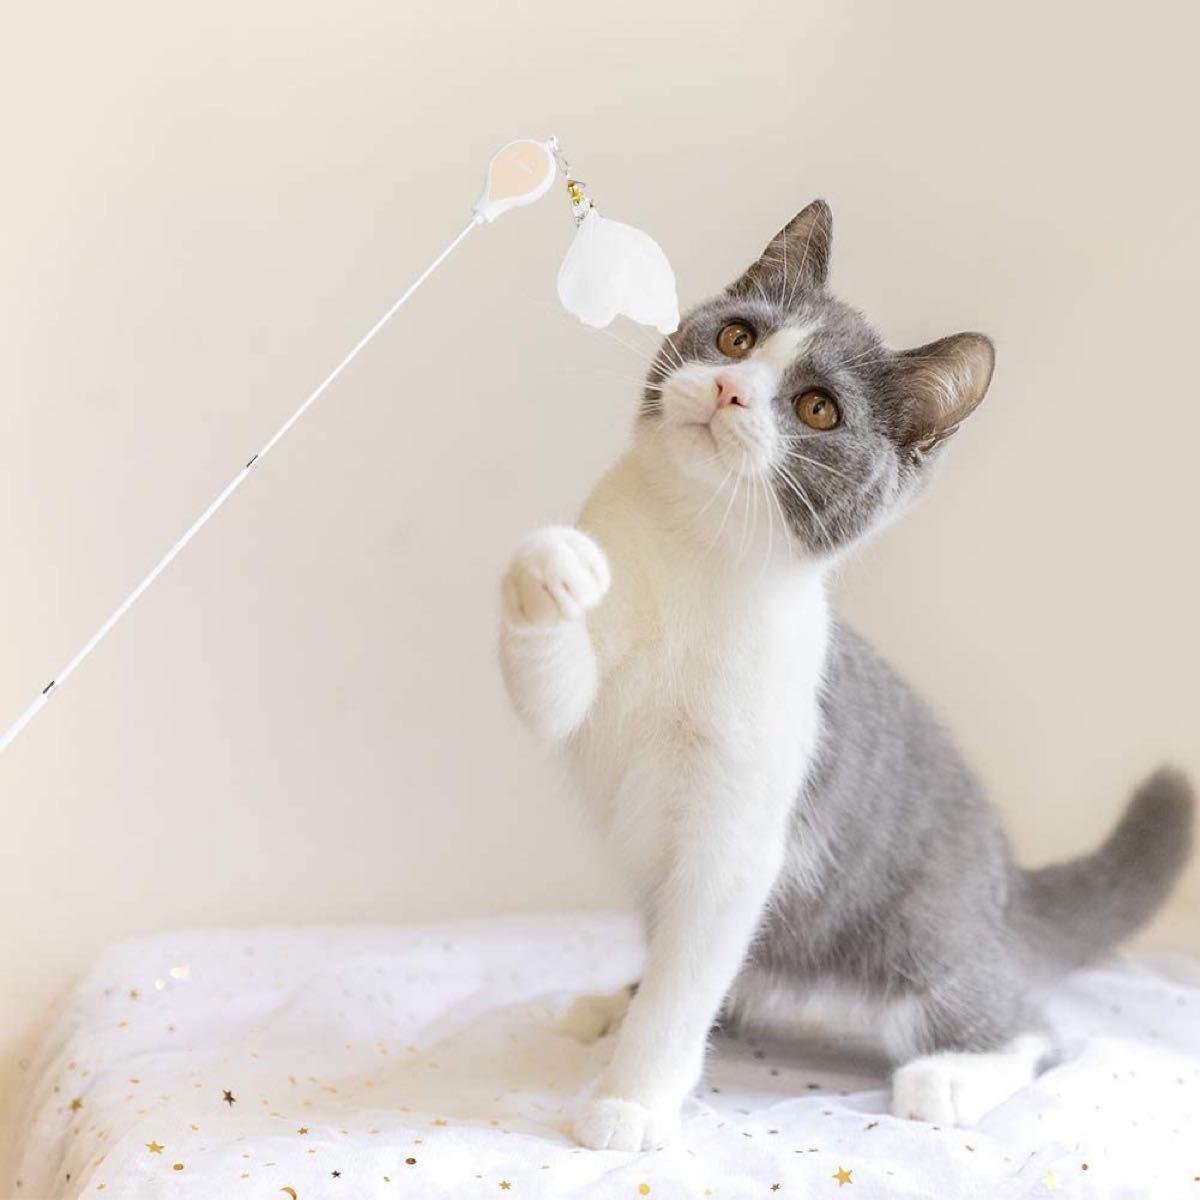 猫おもちゃ人気釣り竿 猫じゃらし羽のおもちゃ ねこじゃらし伸縮可能 2本セット